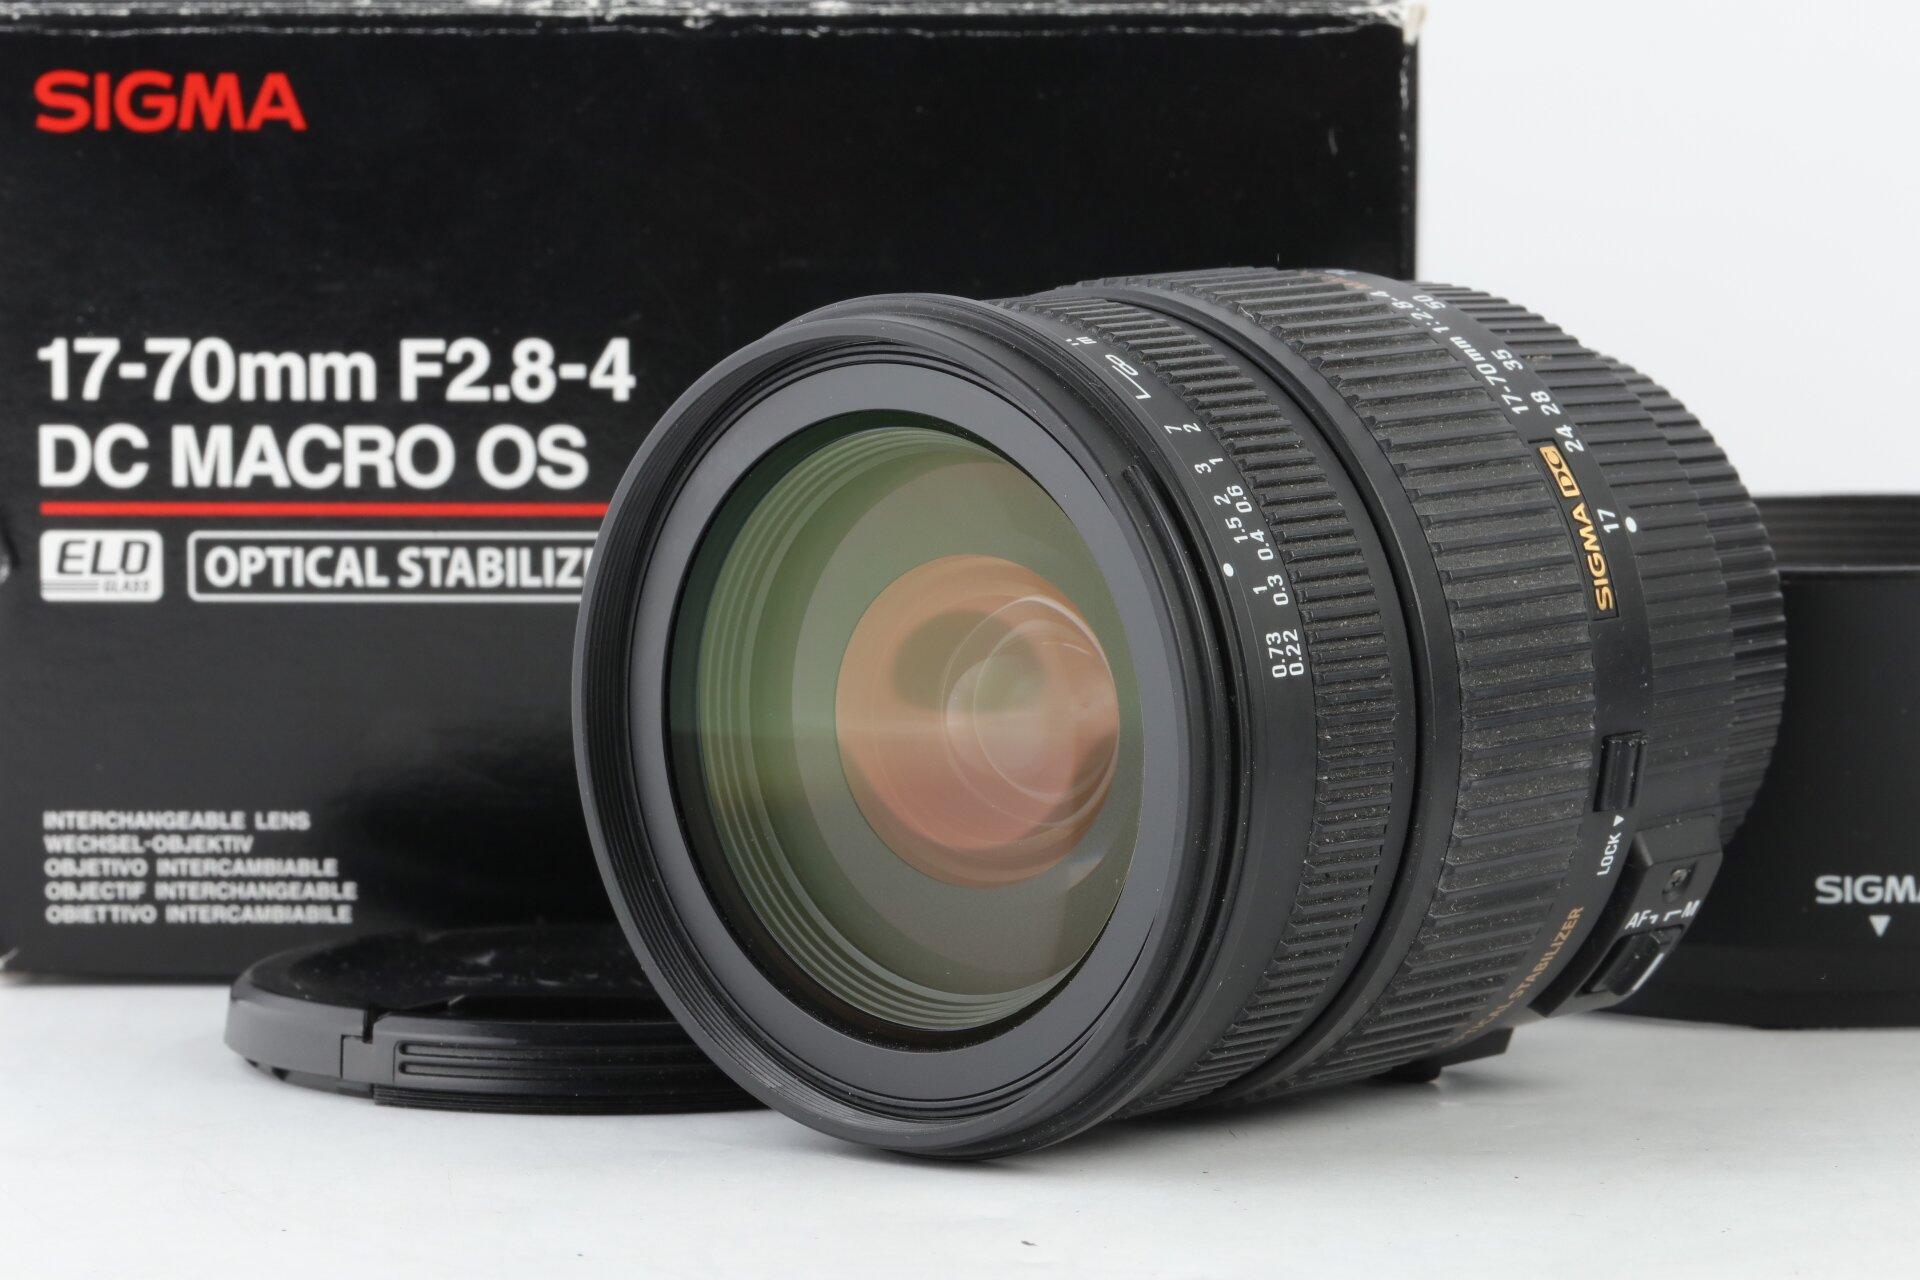 Sigma DC 17-70mm 2,8-4 DC Macro HSM OS Pentax-K